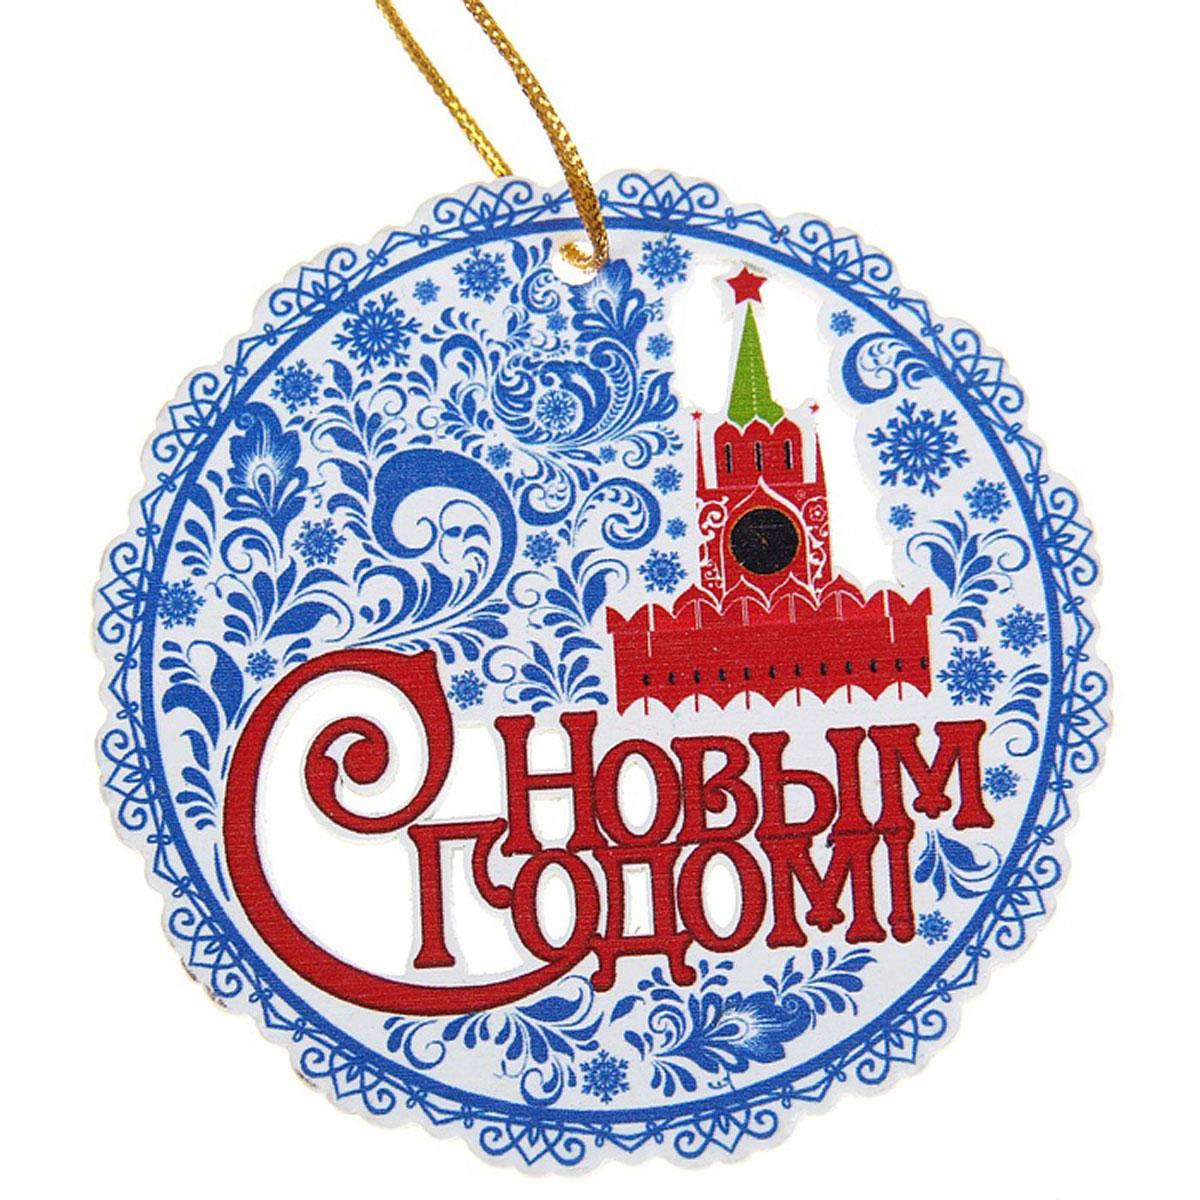 Новогоднее подвесное украшение Sima-land С Новым годом, диаметр 10 см новогоднее подвесное украшение sima land зимний узор диаметр 10 см